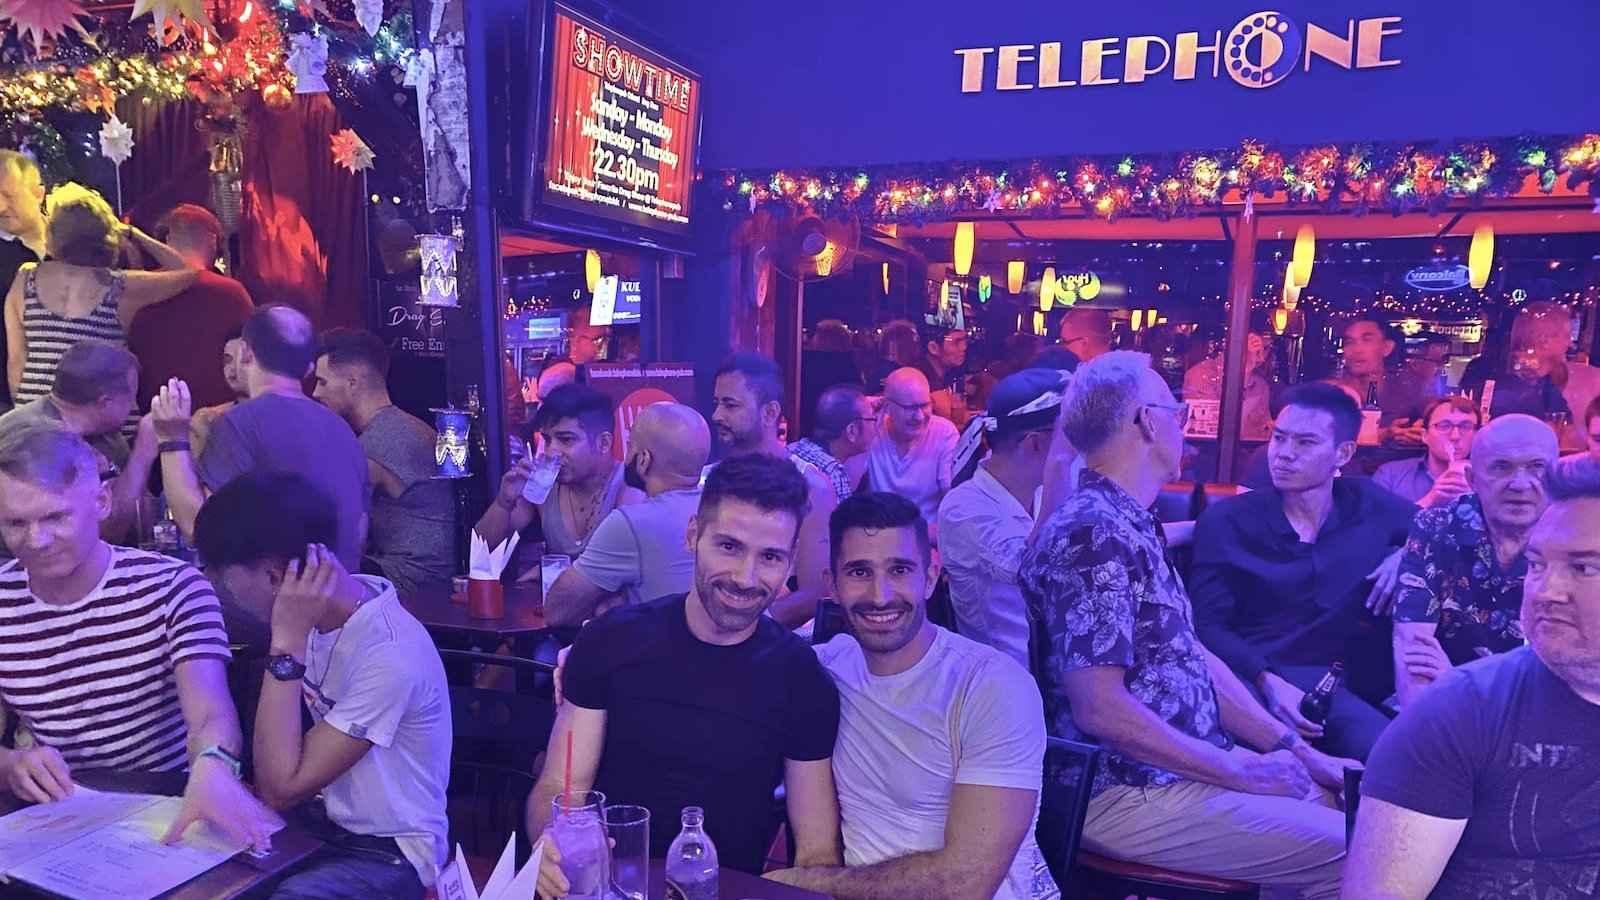 Rejoindre une visite gay privée de Bangkok est le moyen idéal pour être introduit sur la scène gay d'une manière qui convient à vos goûts personnels.